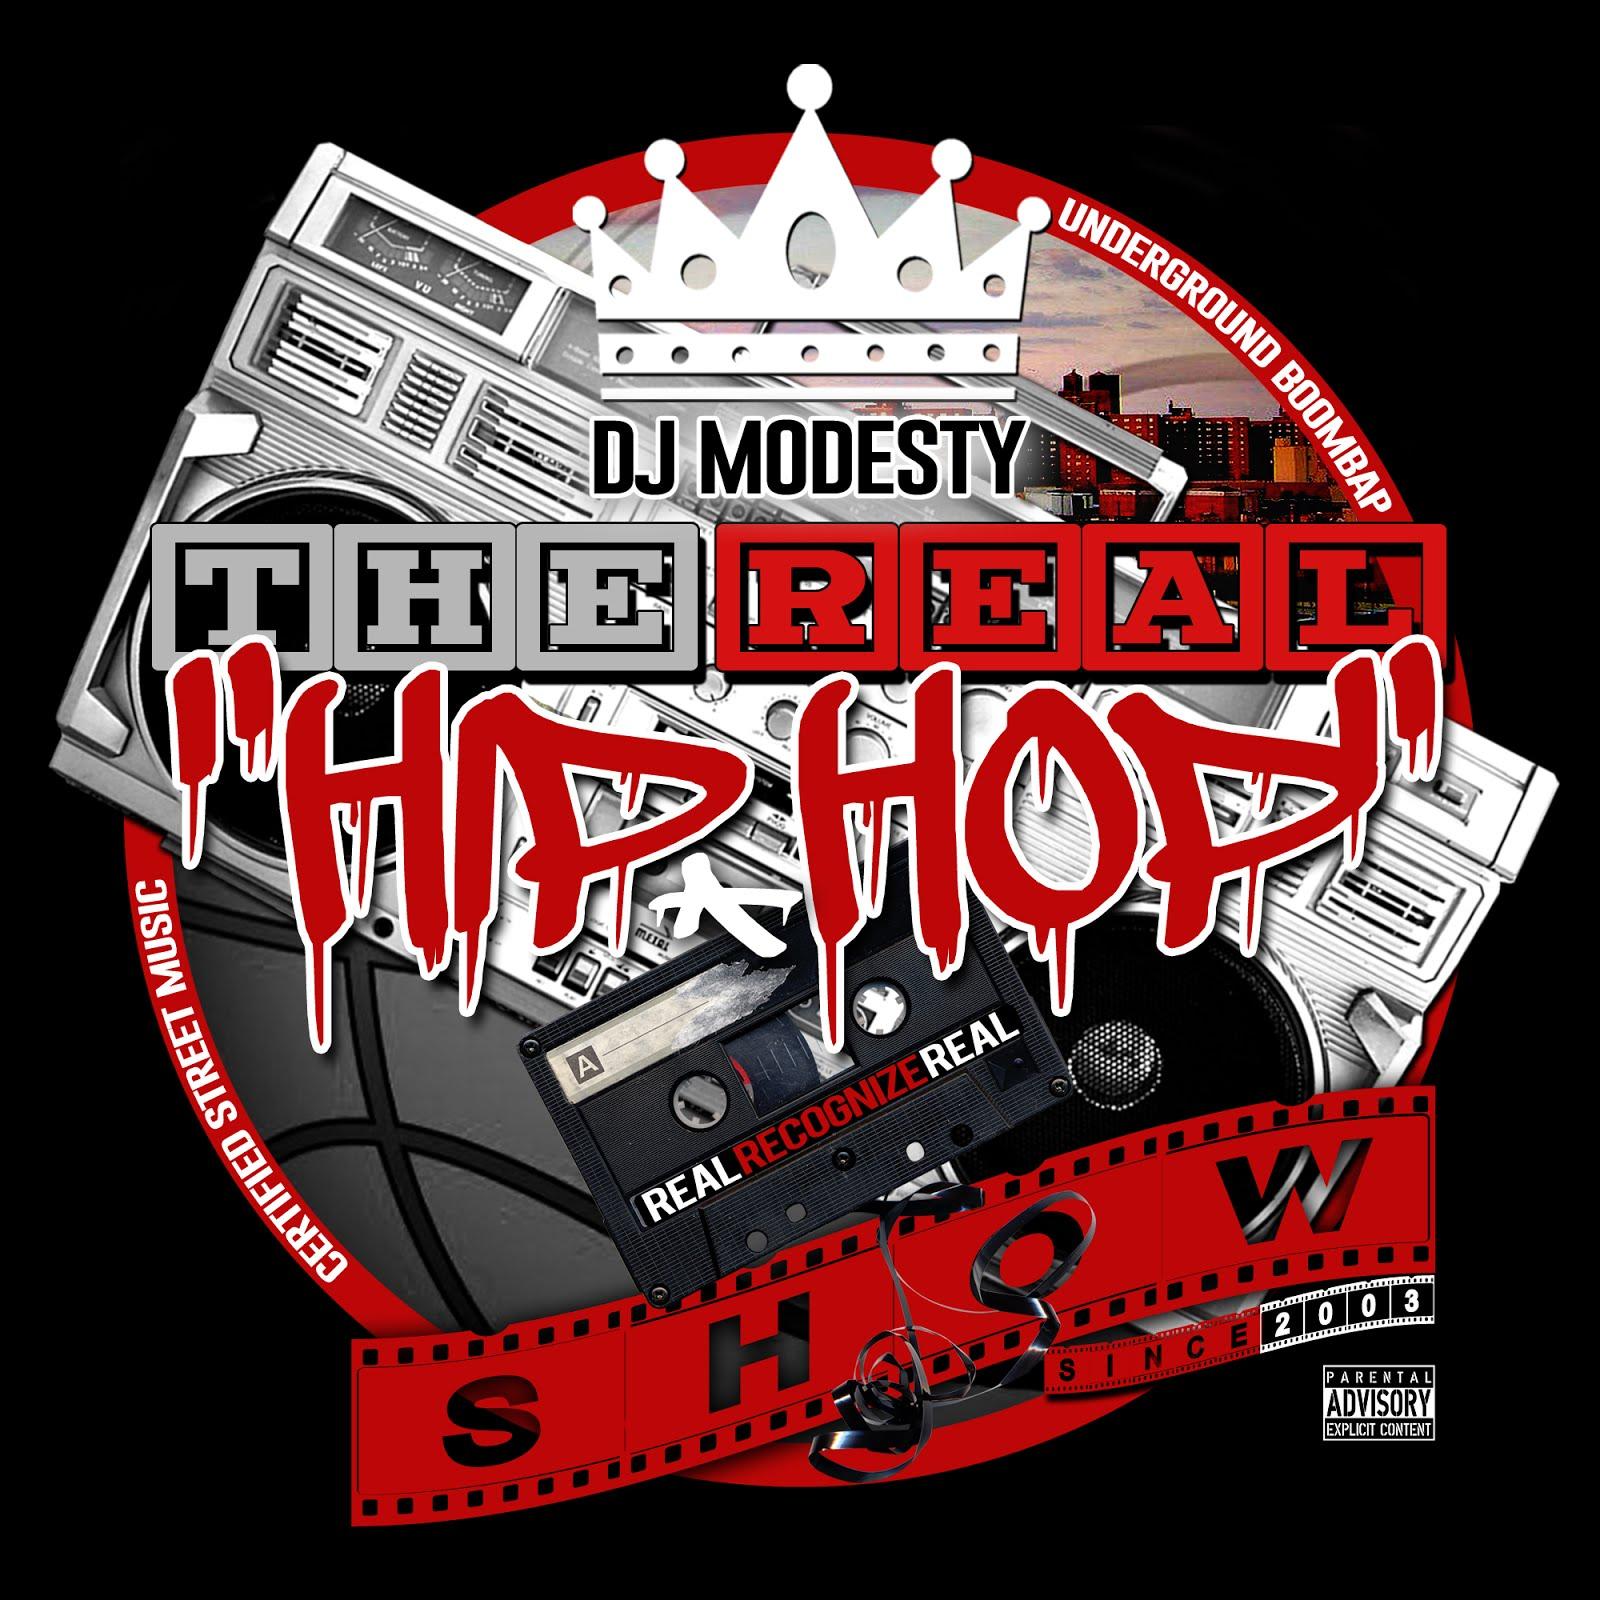 DJ MODESTY